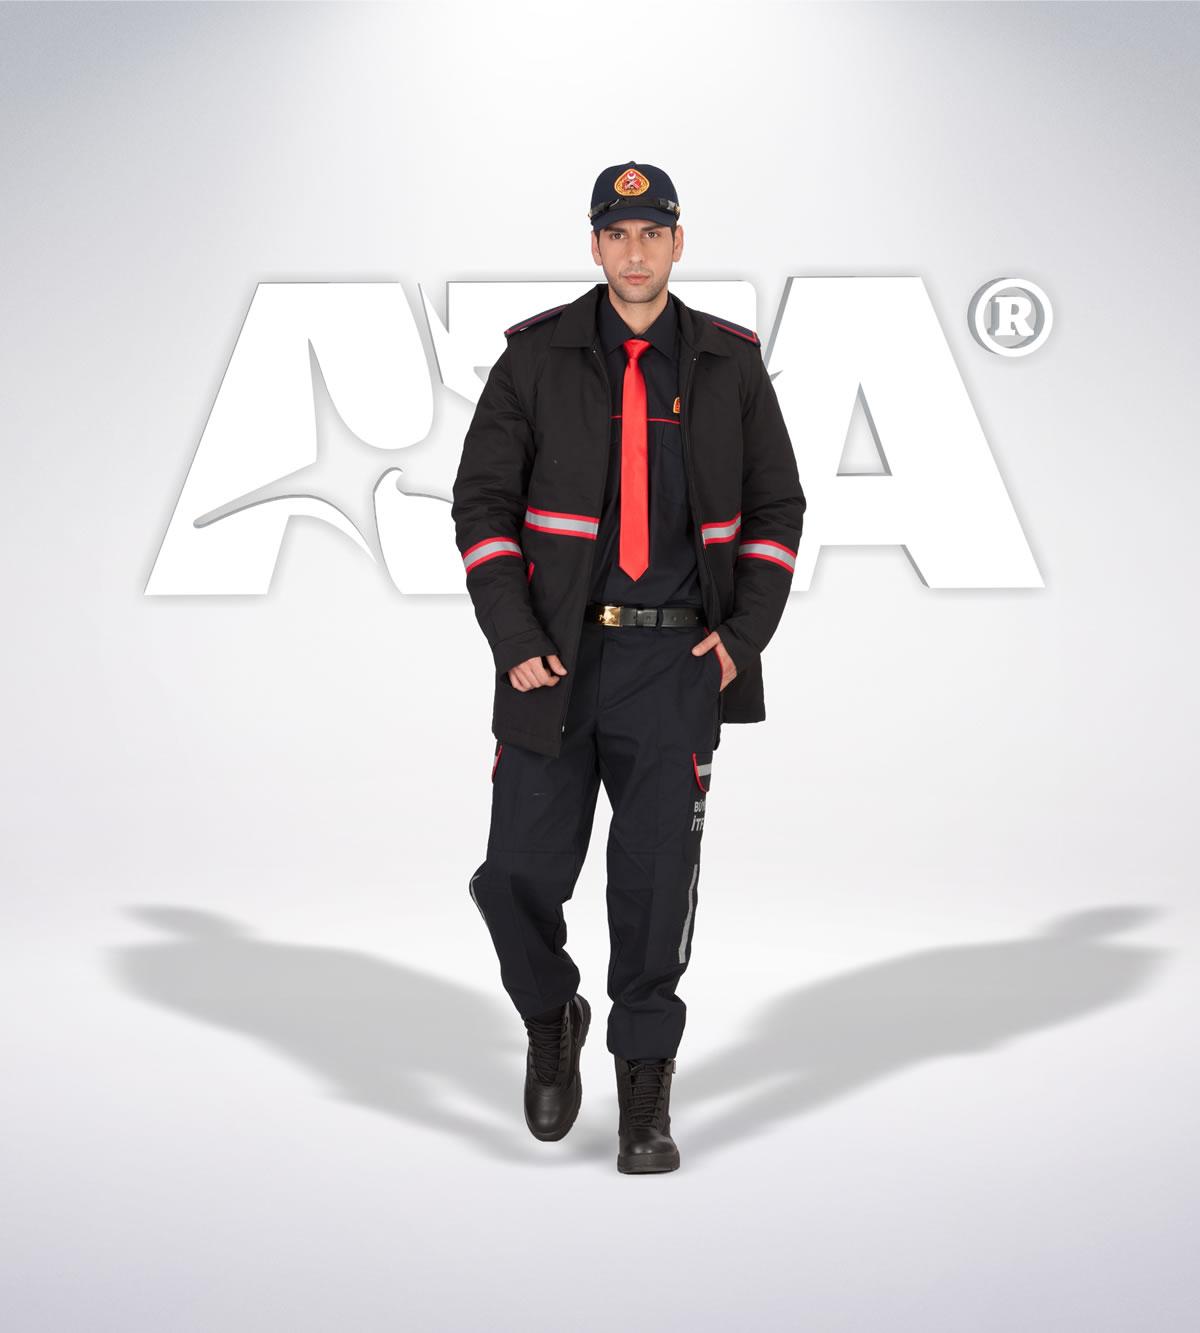 ATA 312 - Ribstop kumaş pantolon - mont  - aksesuar -reflektör - itfaiye elbiseleri | itfaiye üniformaları | itfaiye kıyafetleri